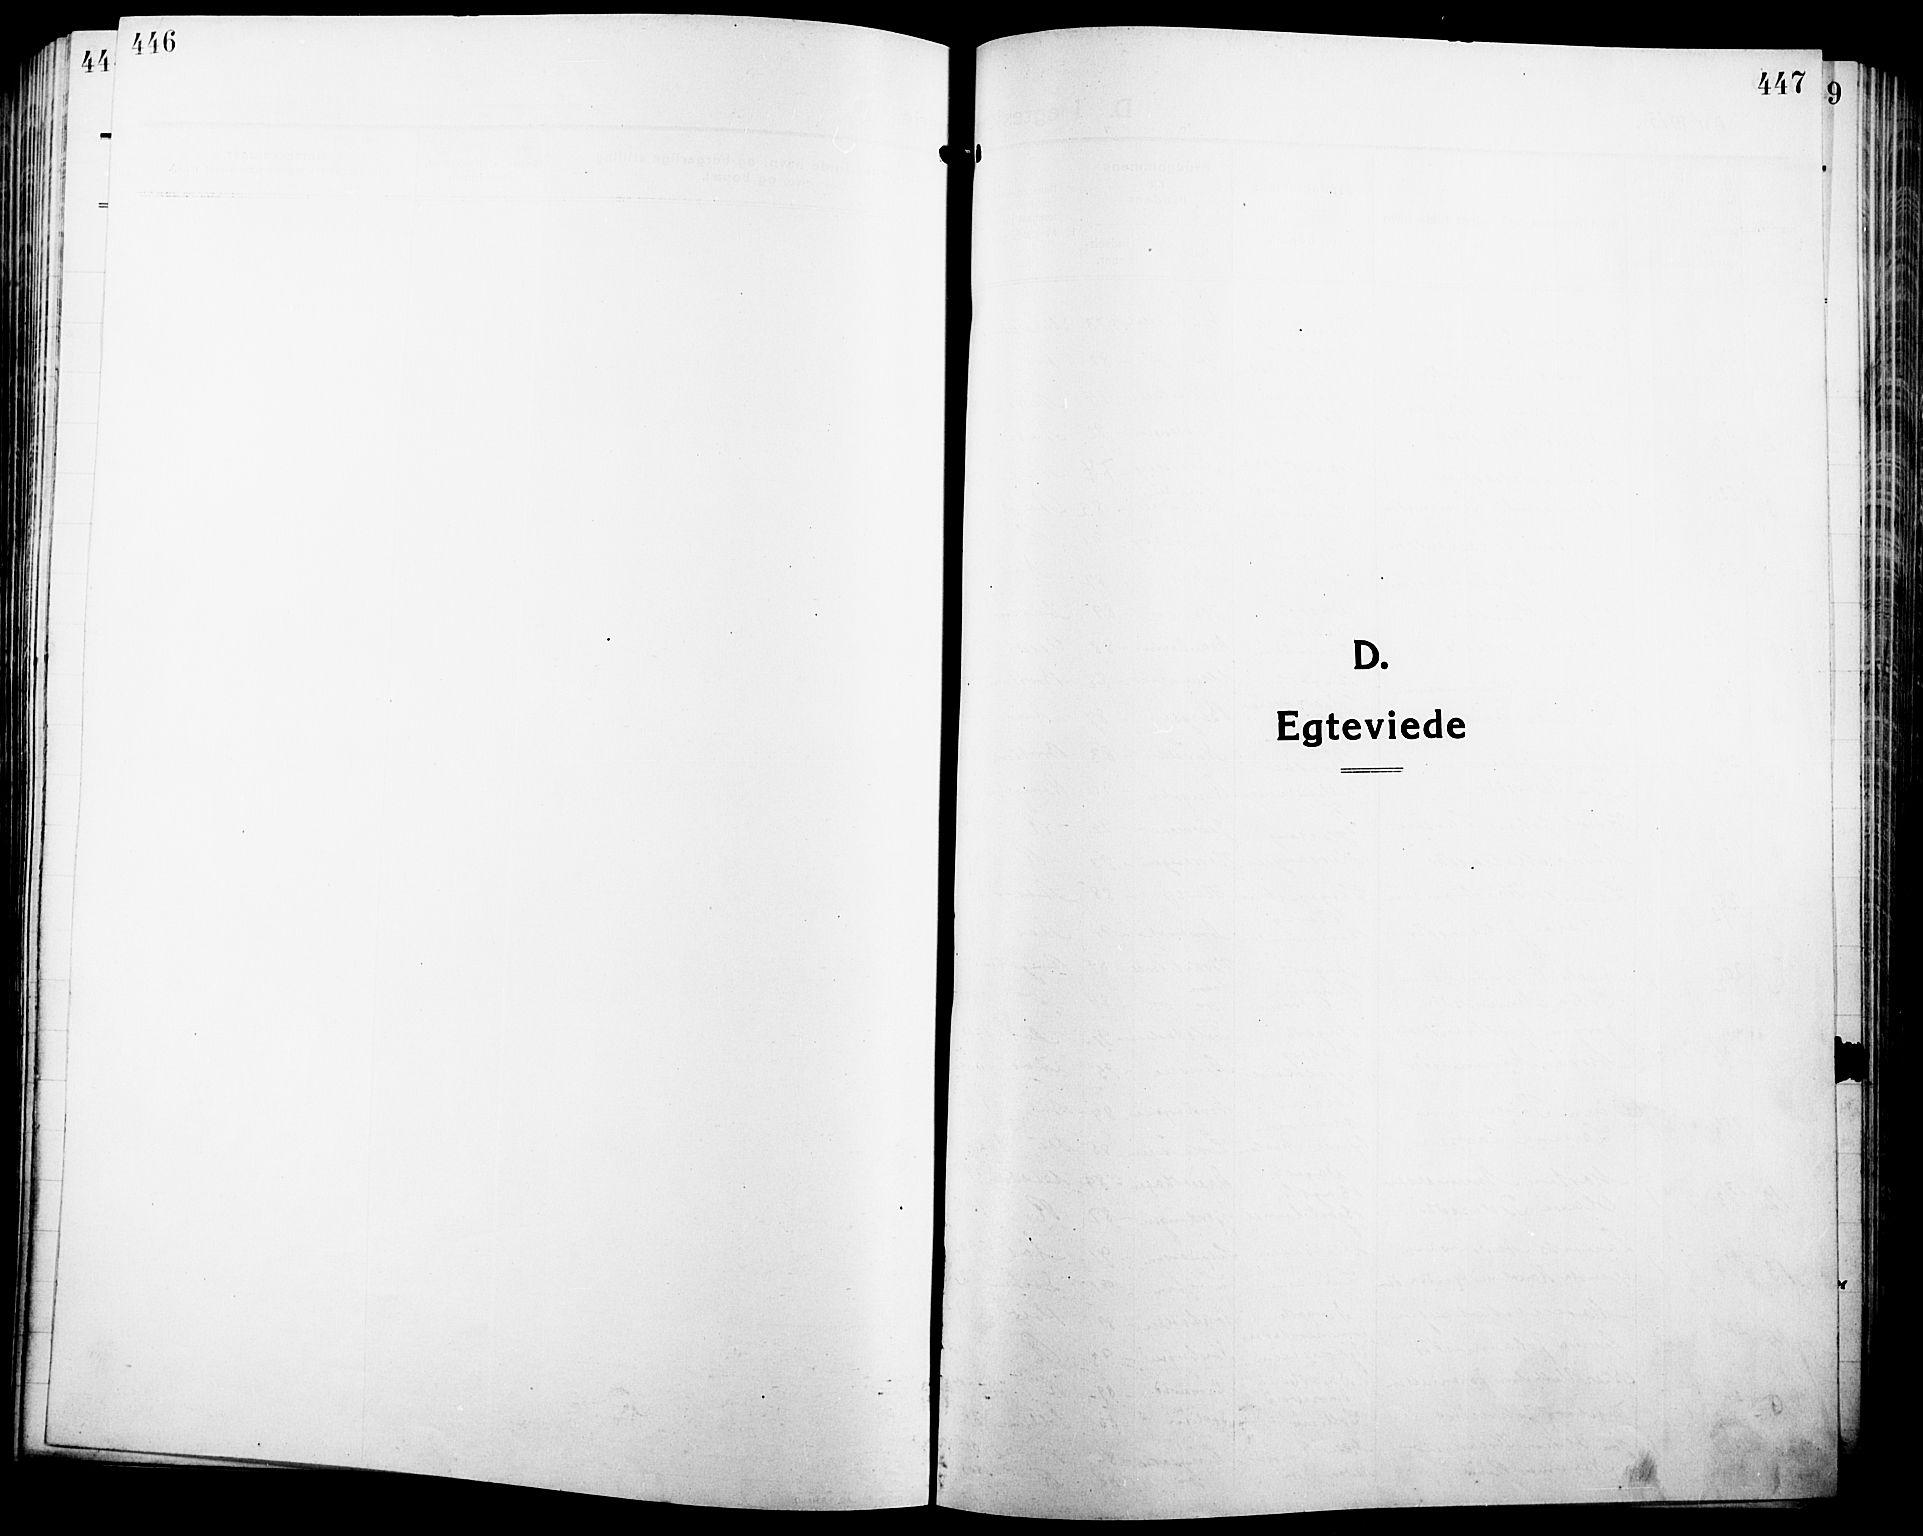 SAH, Ringsaker prestekontor, L/La/L0018: Klokkerbok nr. 18, 1913-1922, s. 446-447